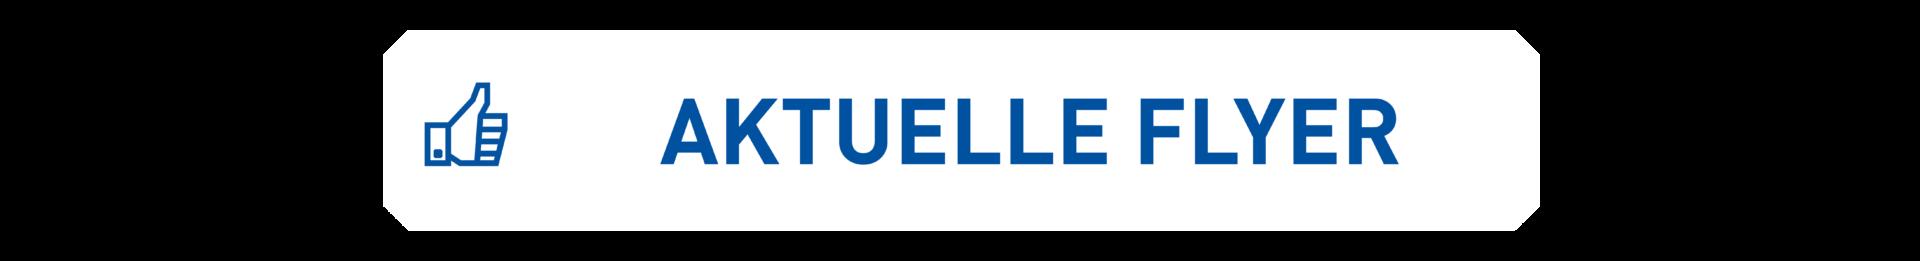 _AKTUELLE-FLYER_